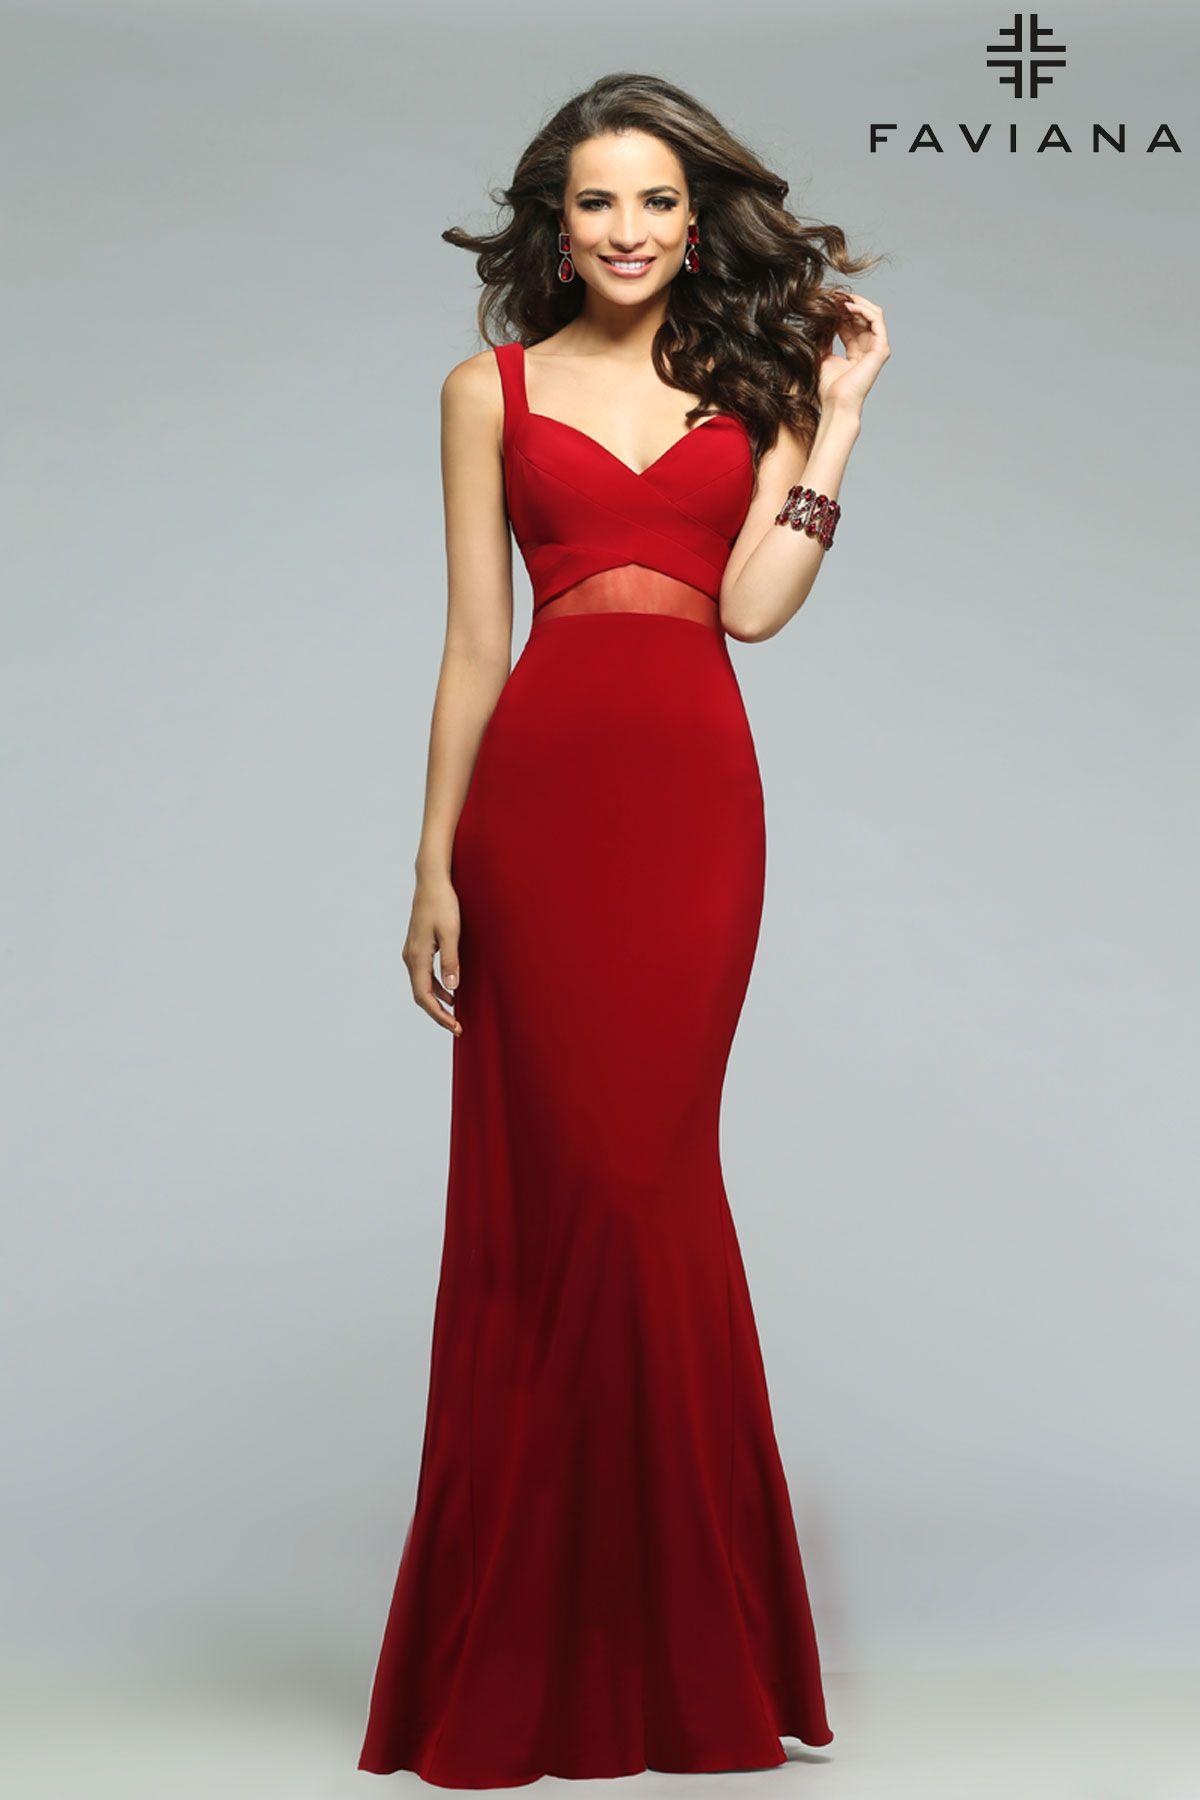 f2c9a0c22 Los vestidos rojos ademas de lindos,solo sexys❤ | ami | Egresados ...